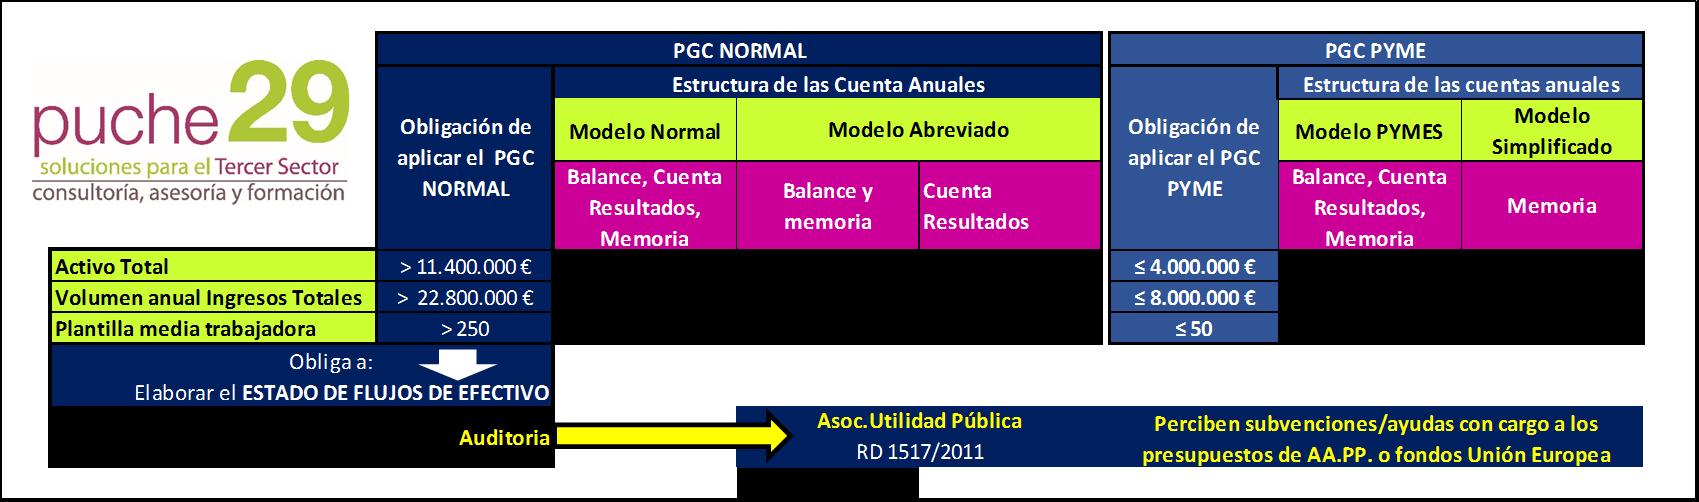 Estructura Cuentas Anuales